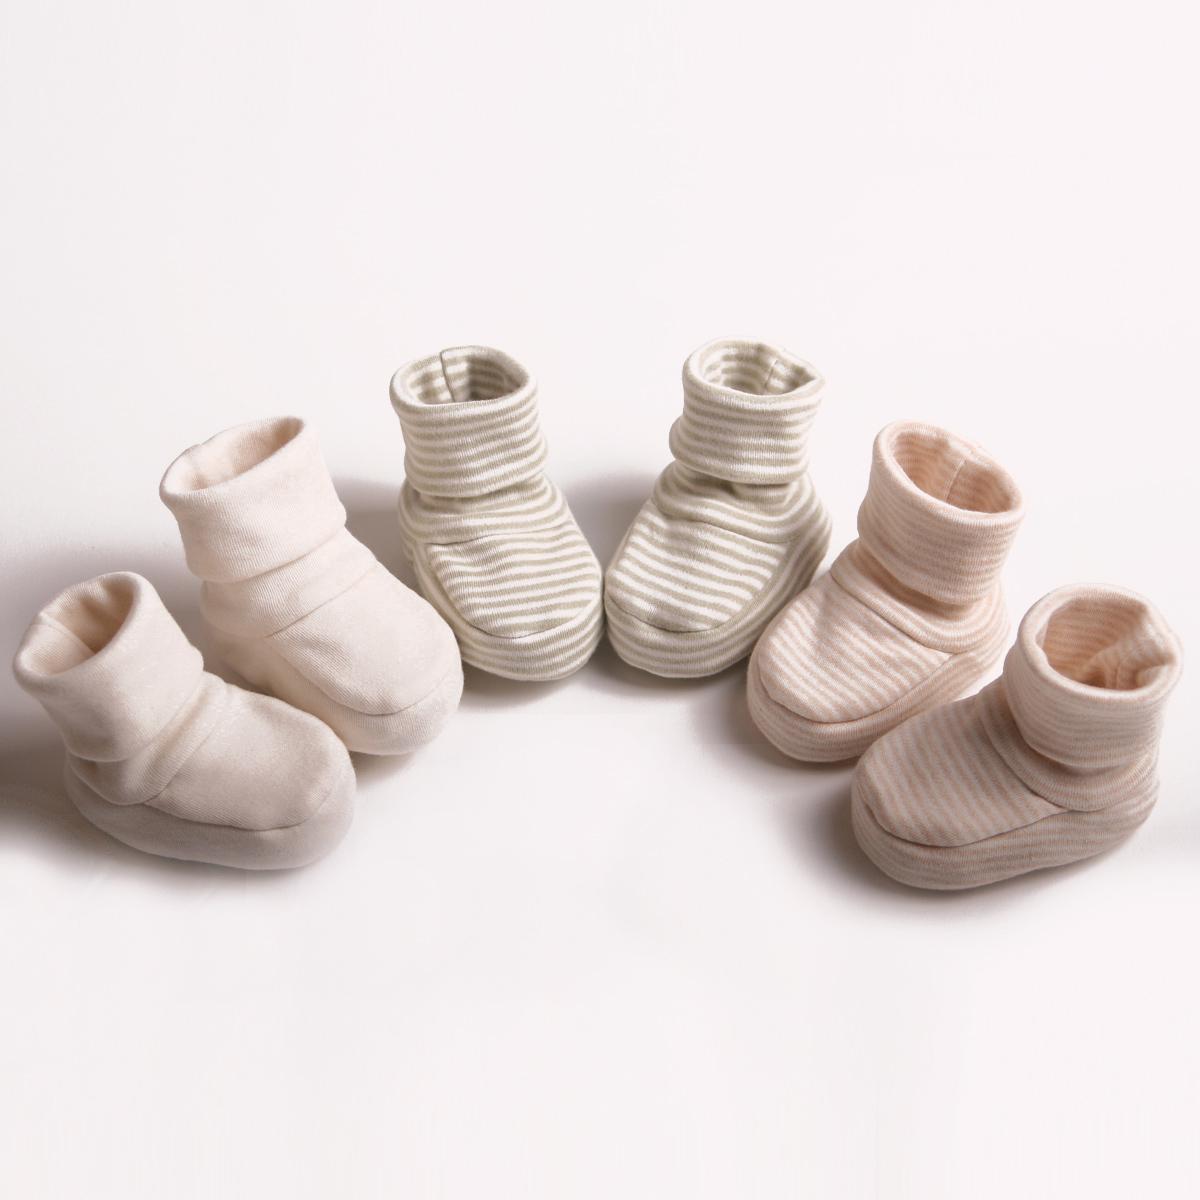 乐桃 婴儿鞋子全棉双层布 新生儿春秋款童鞋 宝宝鞋 纯棉 童鞋